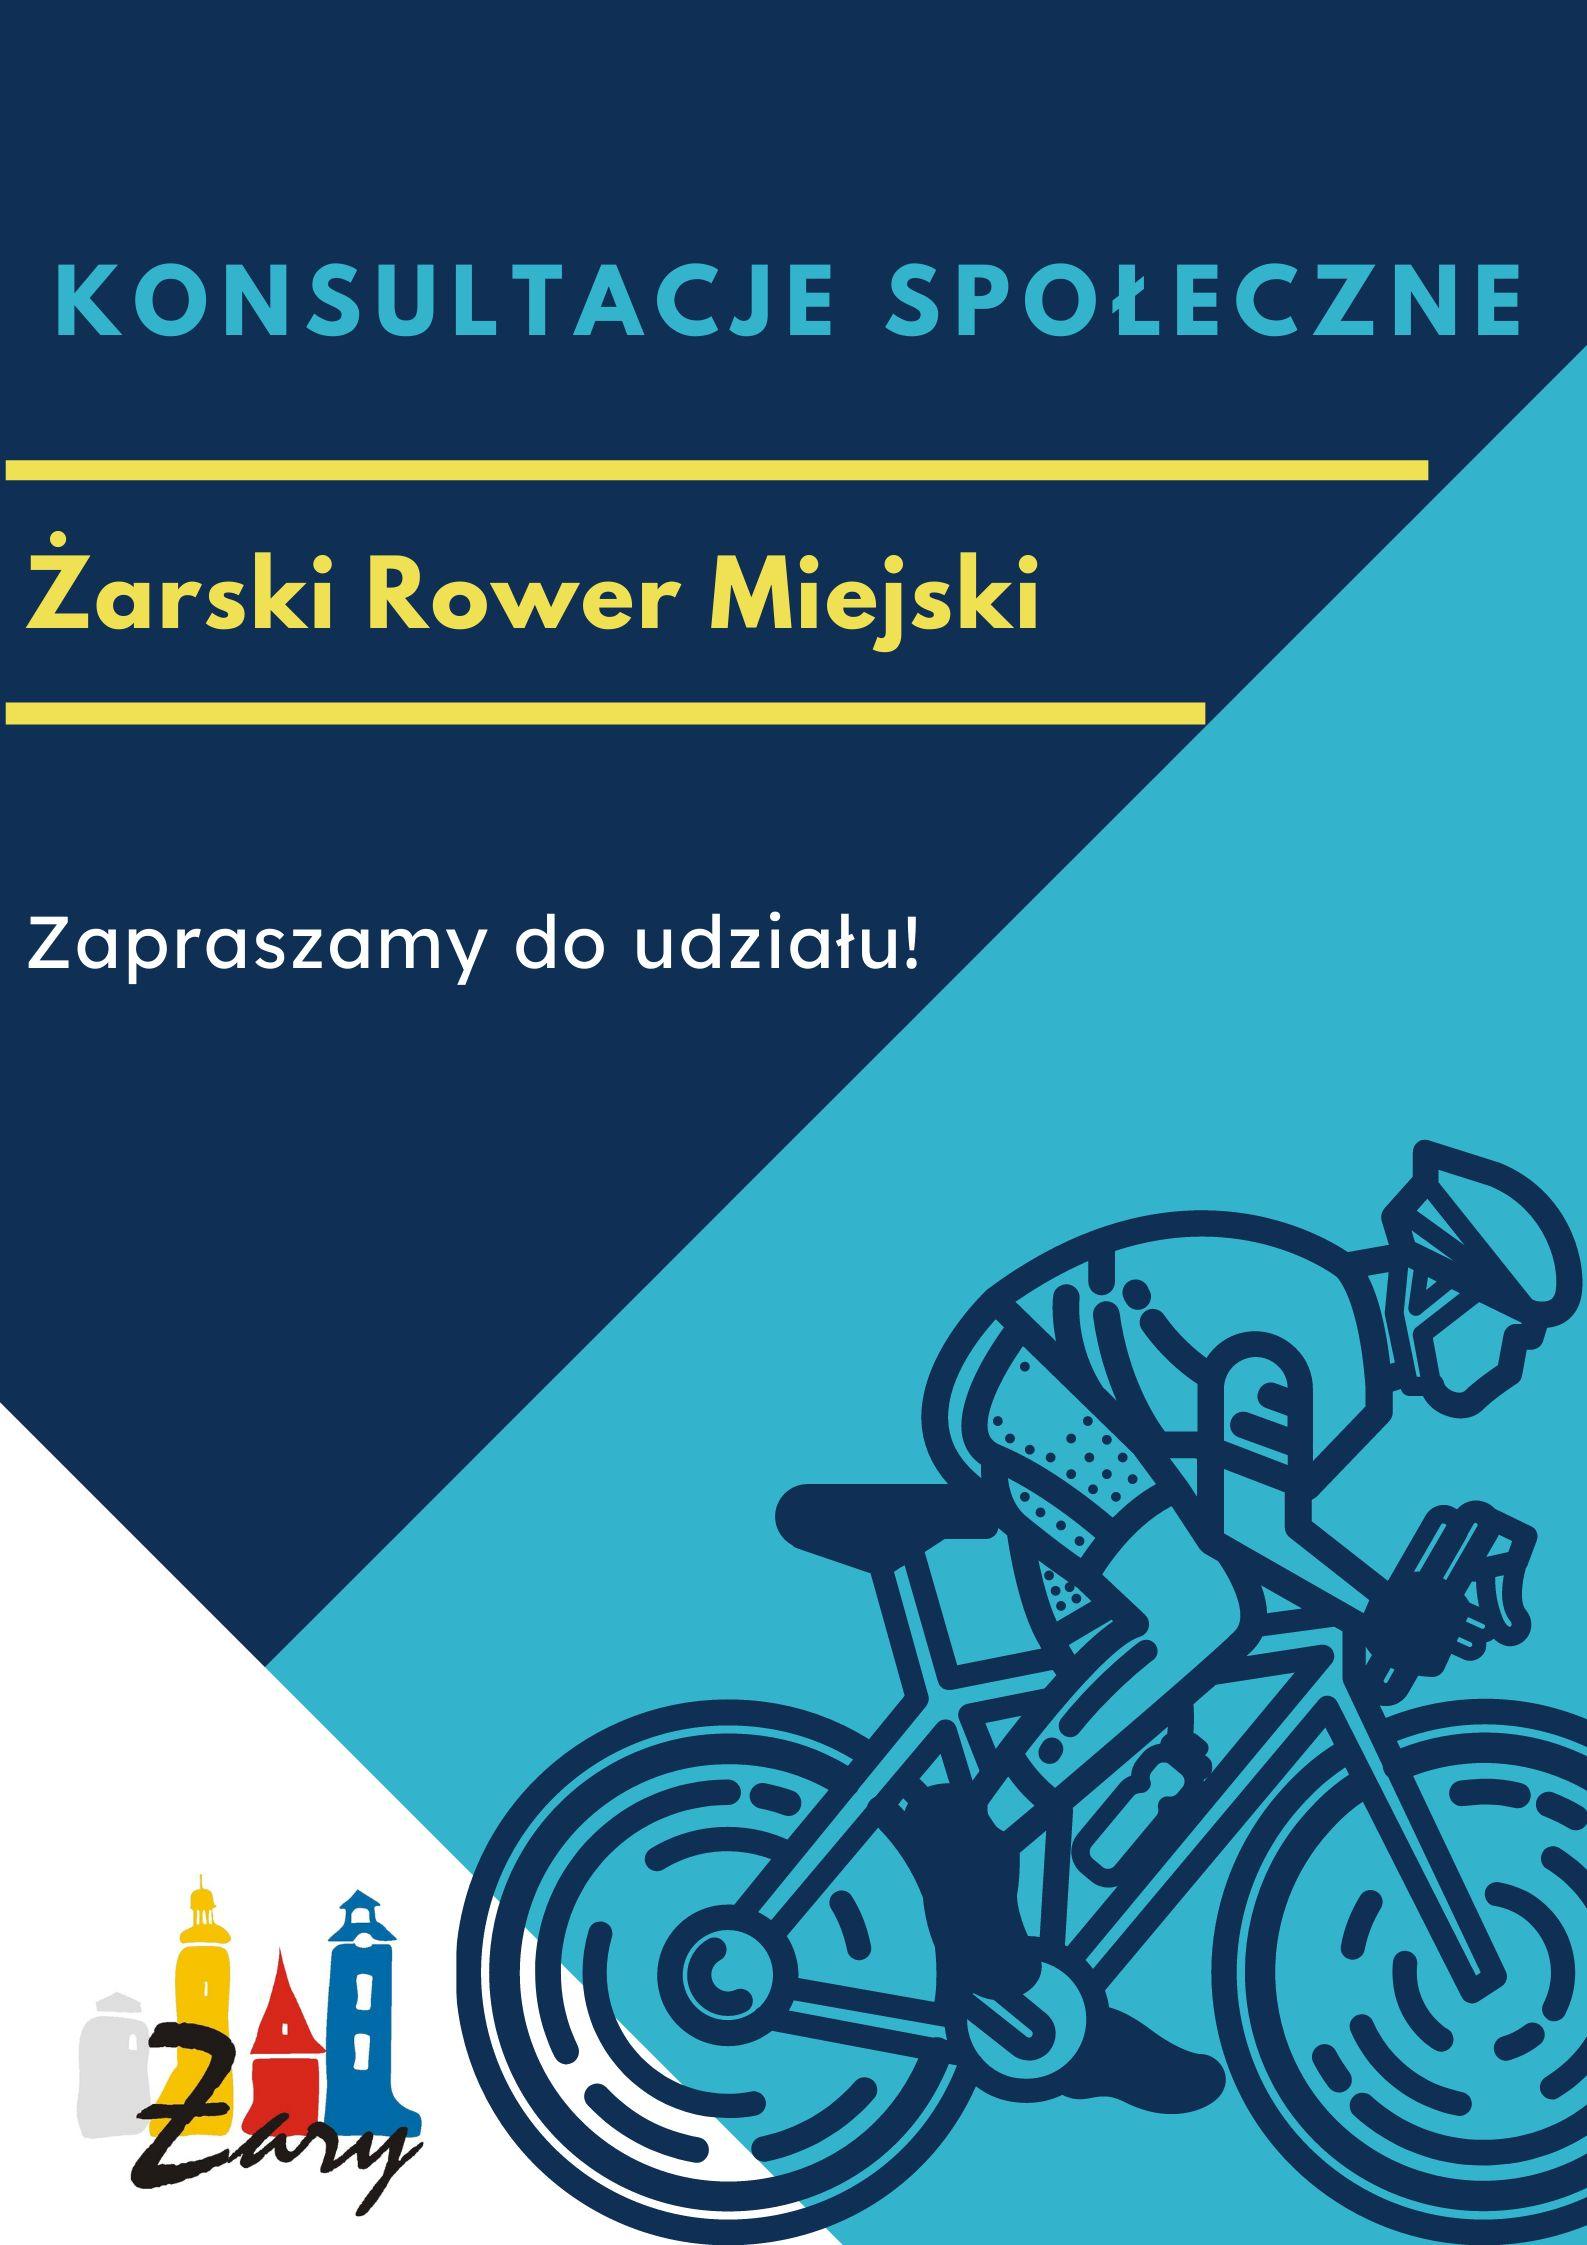 """Ilustracja do informacji: Konsultacje społeczne 'Żarski Rower Miejski"""""""